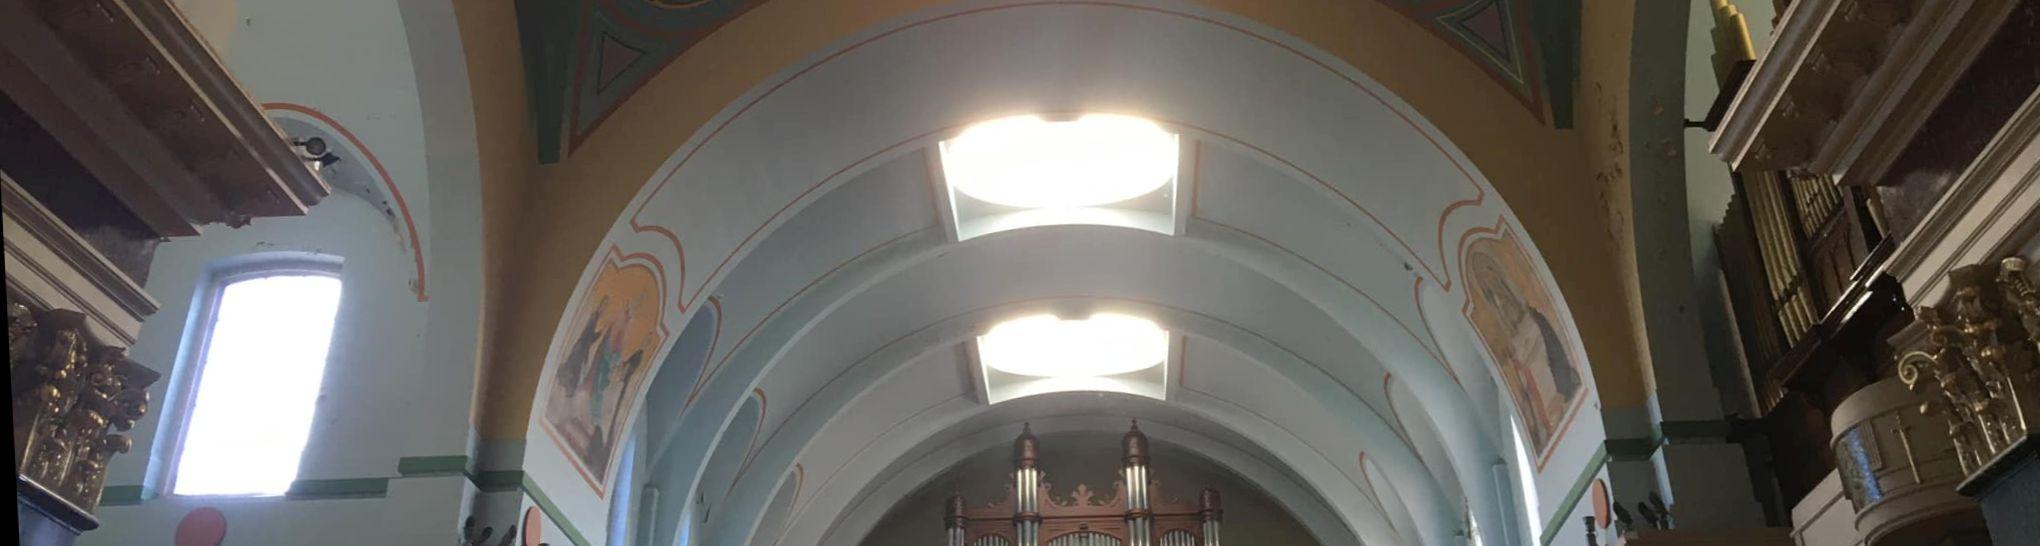 skylights 1